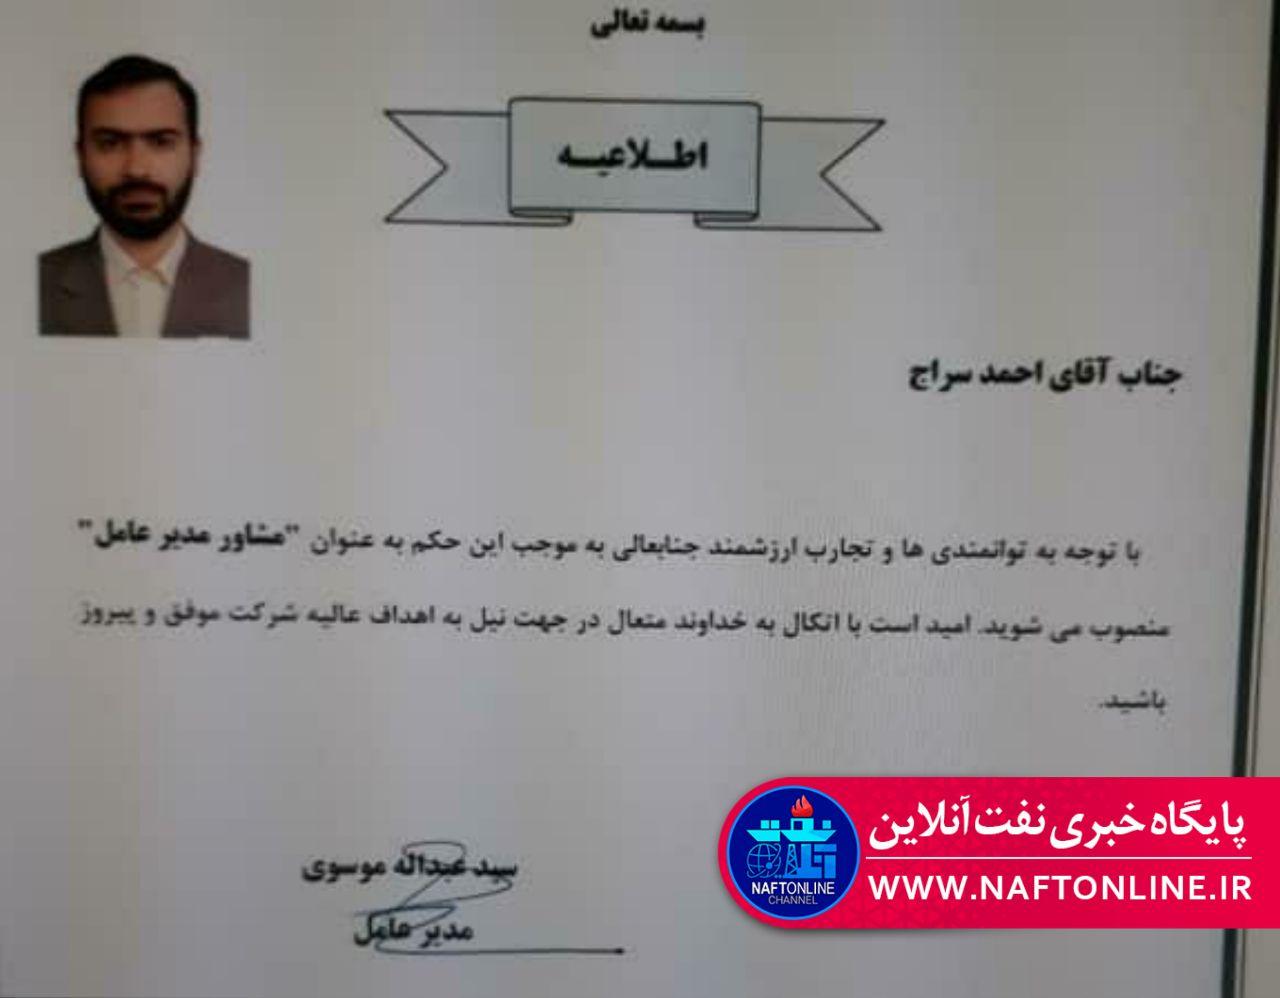 حکم انتصاب آقای احمد سراج | نفت آنلاین